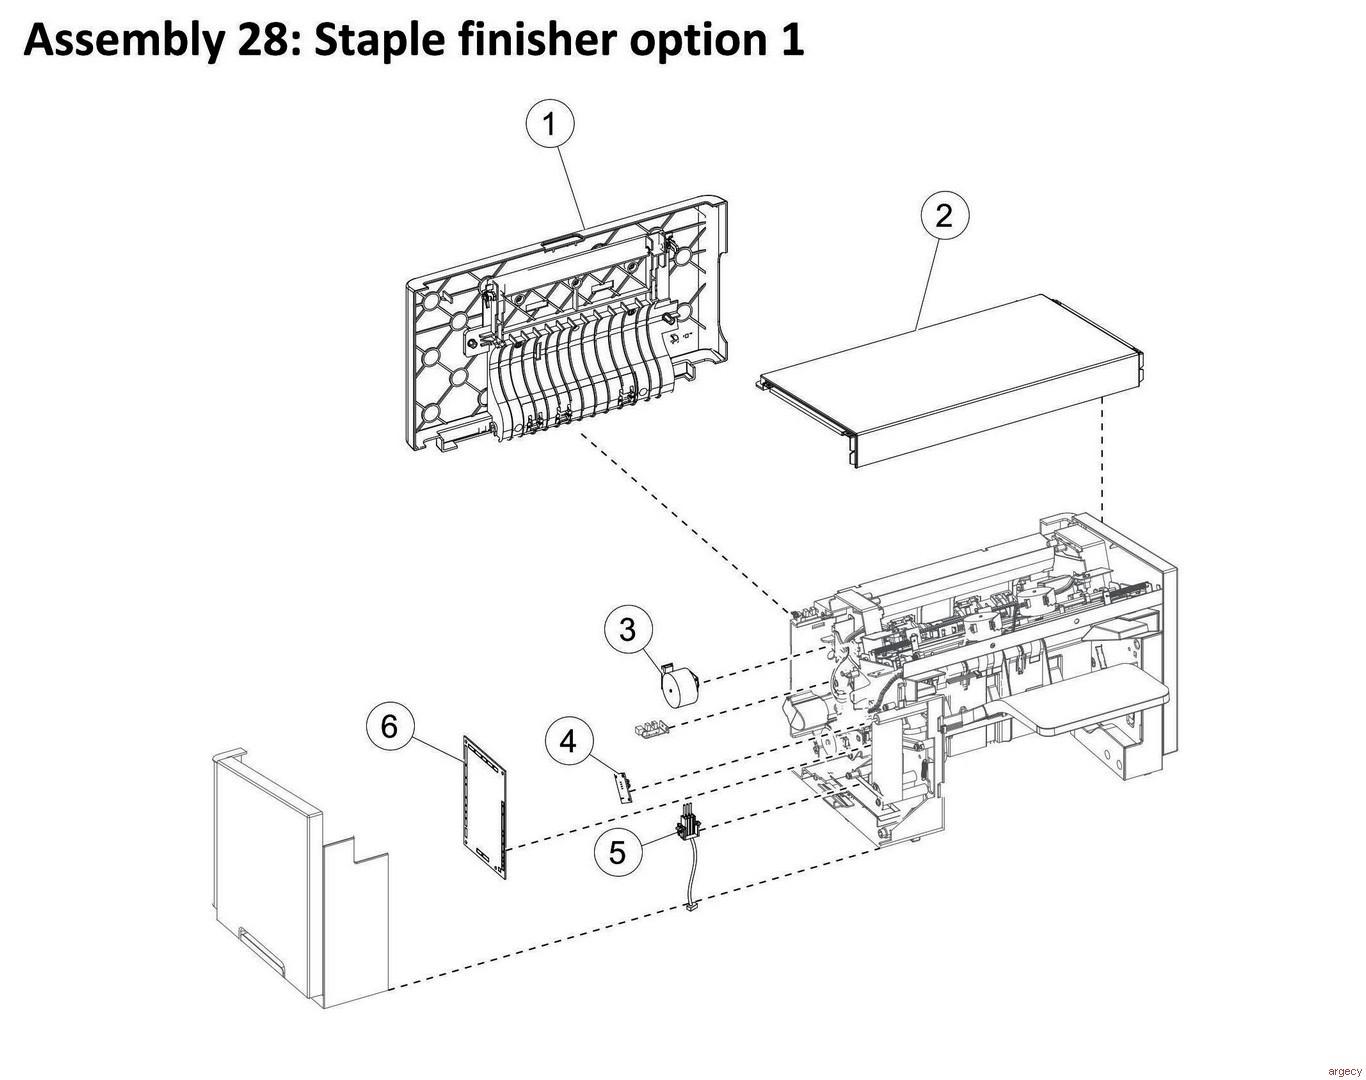 https://www.argecy.com/images/MX81x_MX71x-Parts-743_cr.jpg